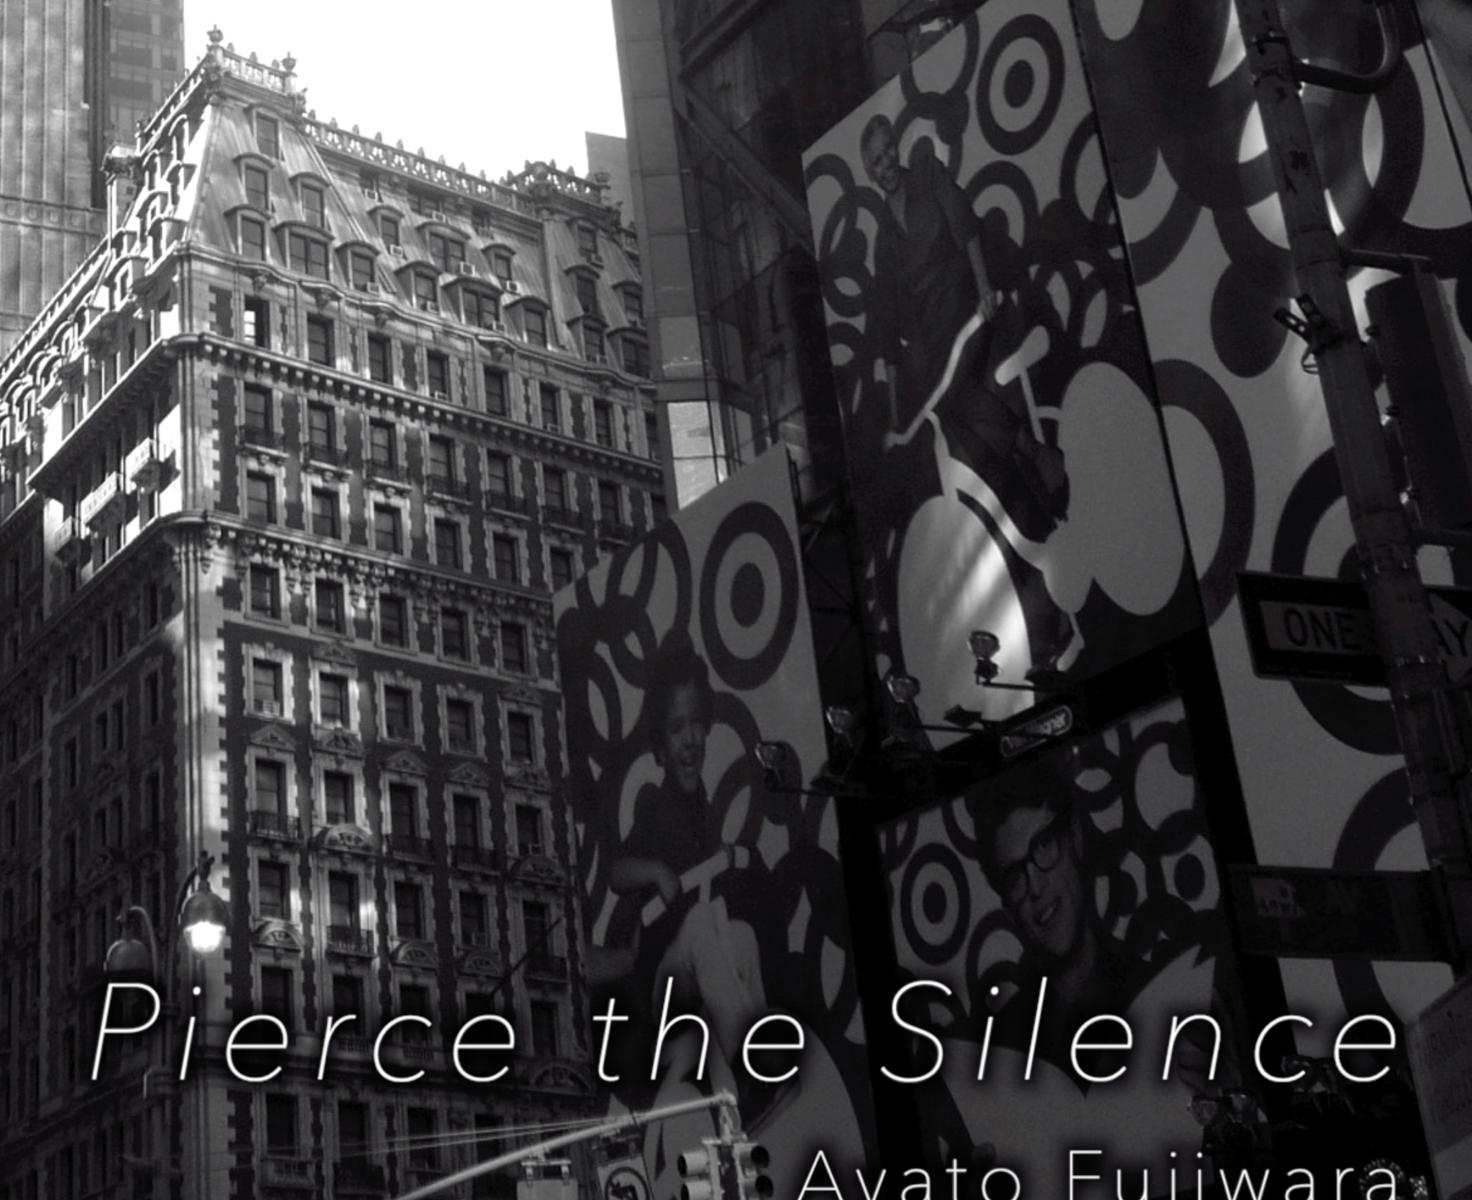 Pierce the Silence